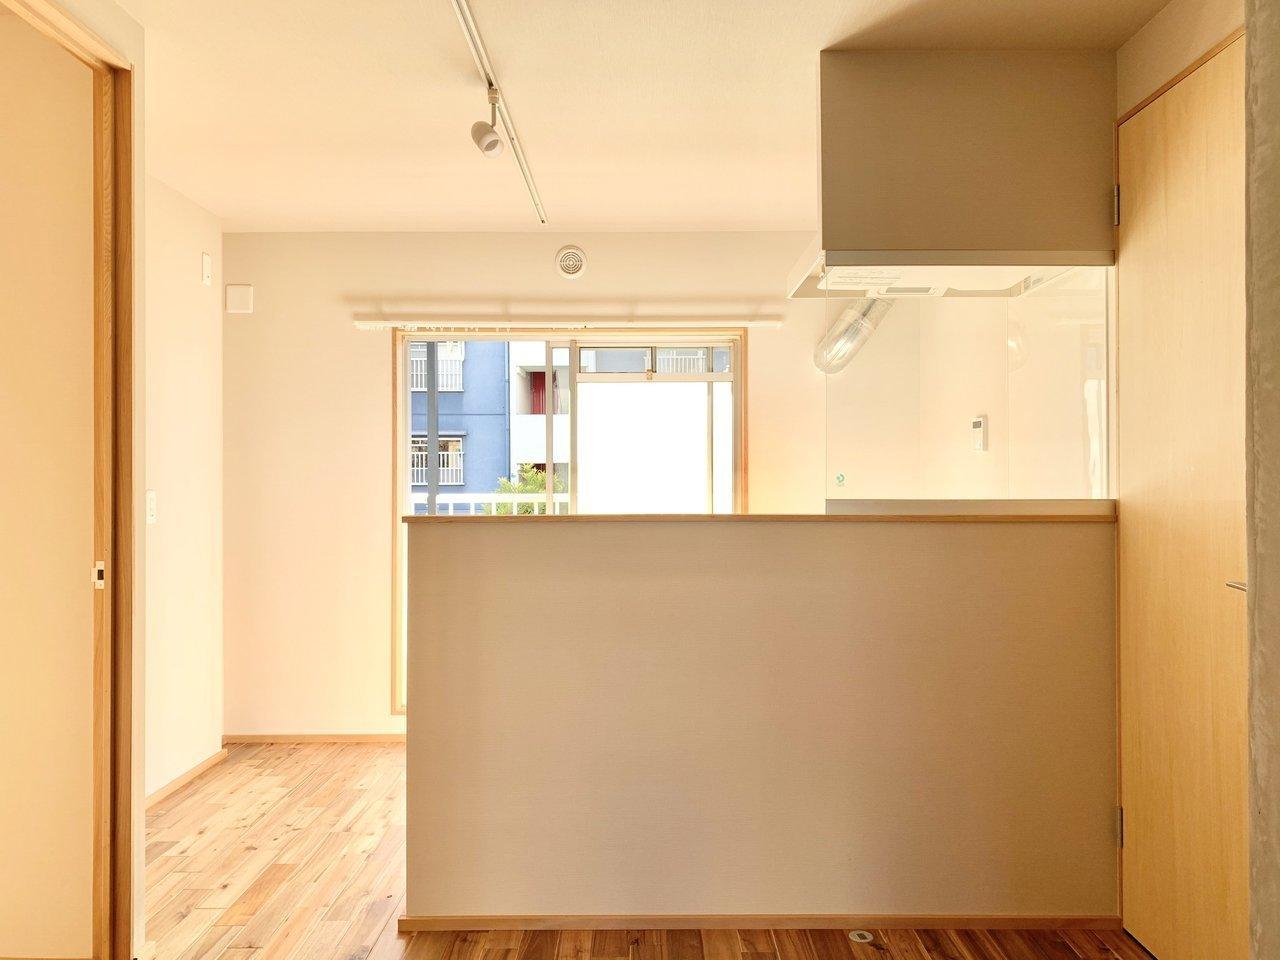 こちらは団地リノベーションのお部屋。南北に窓があり、日当たりだけではなく、風通しも良いのが特徴です。後光がさすキッチン…!